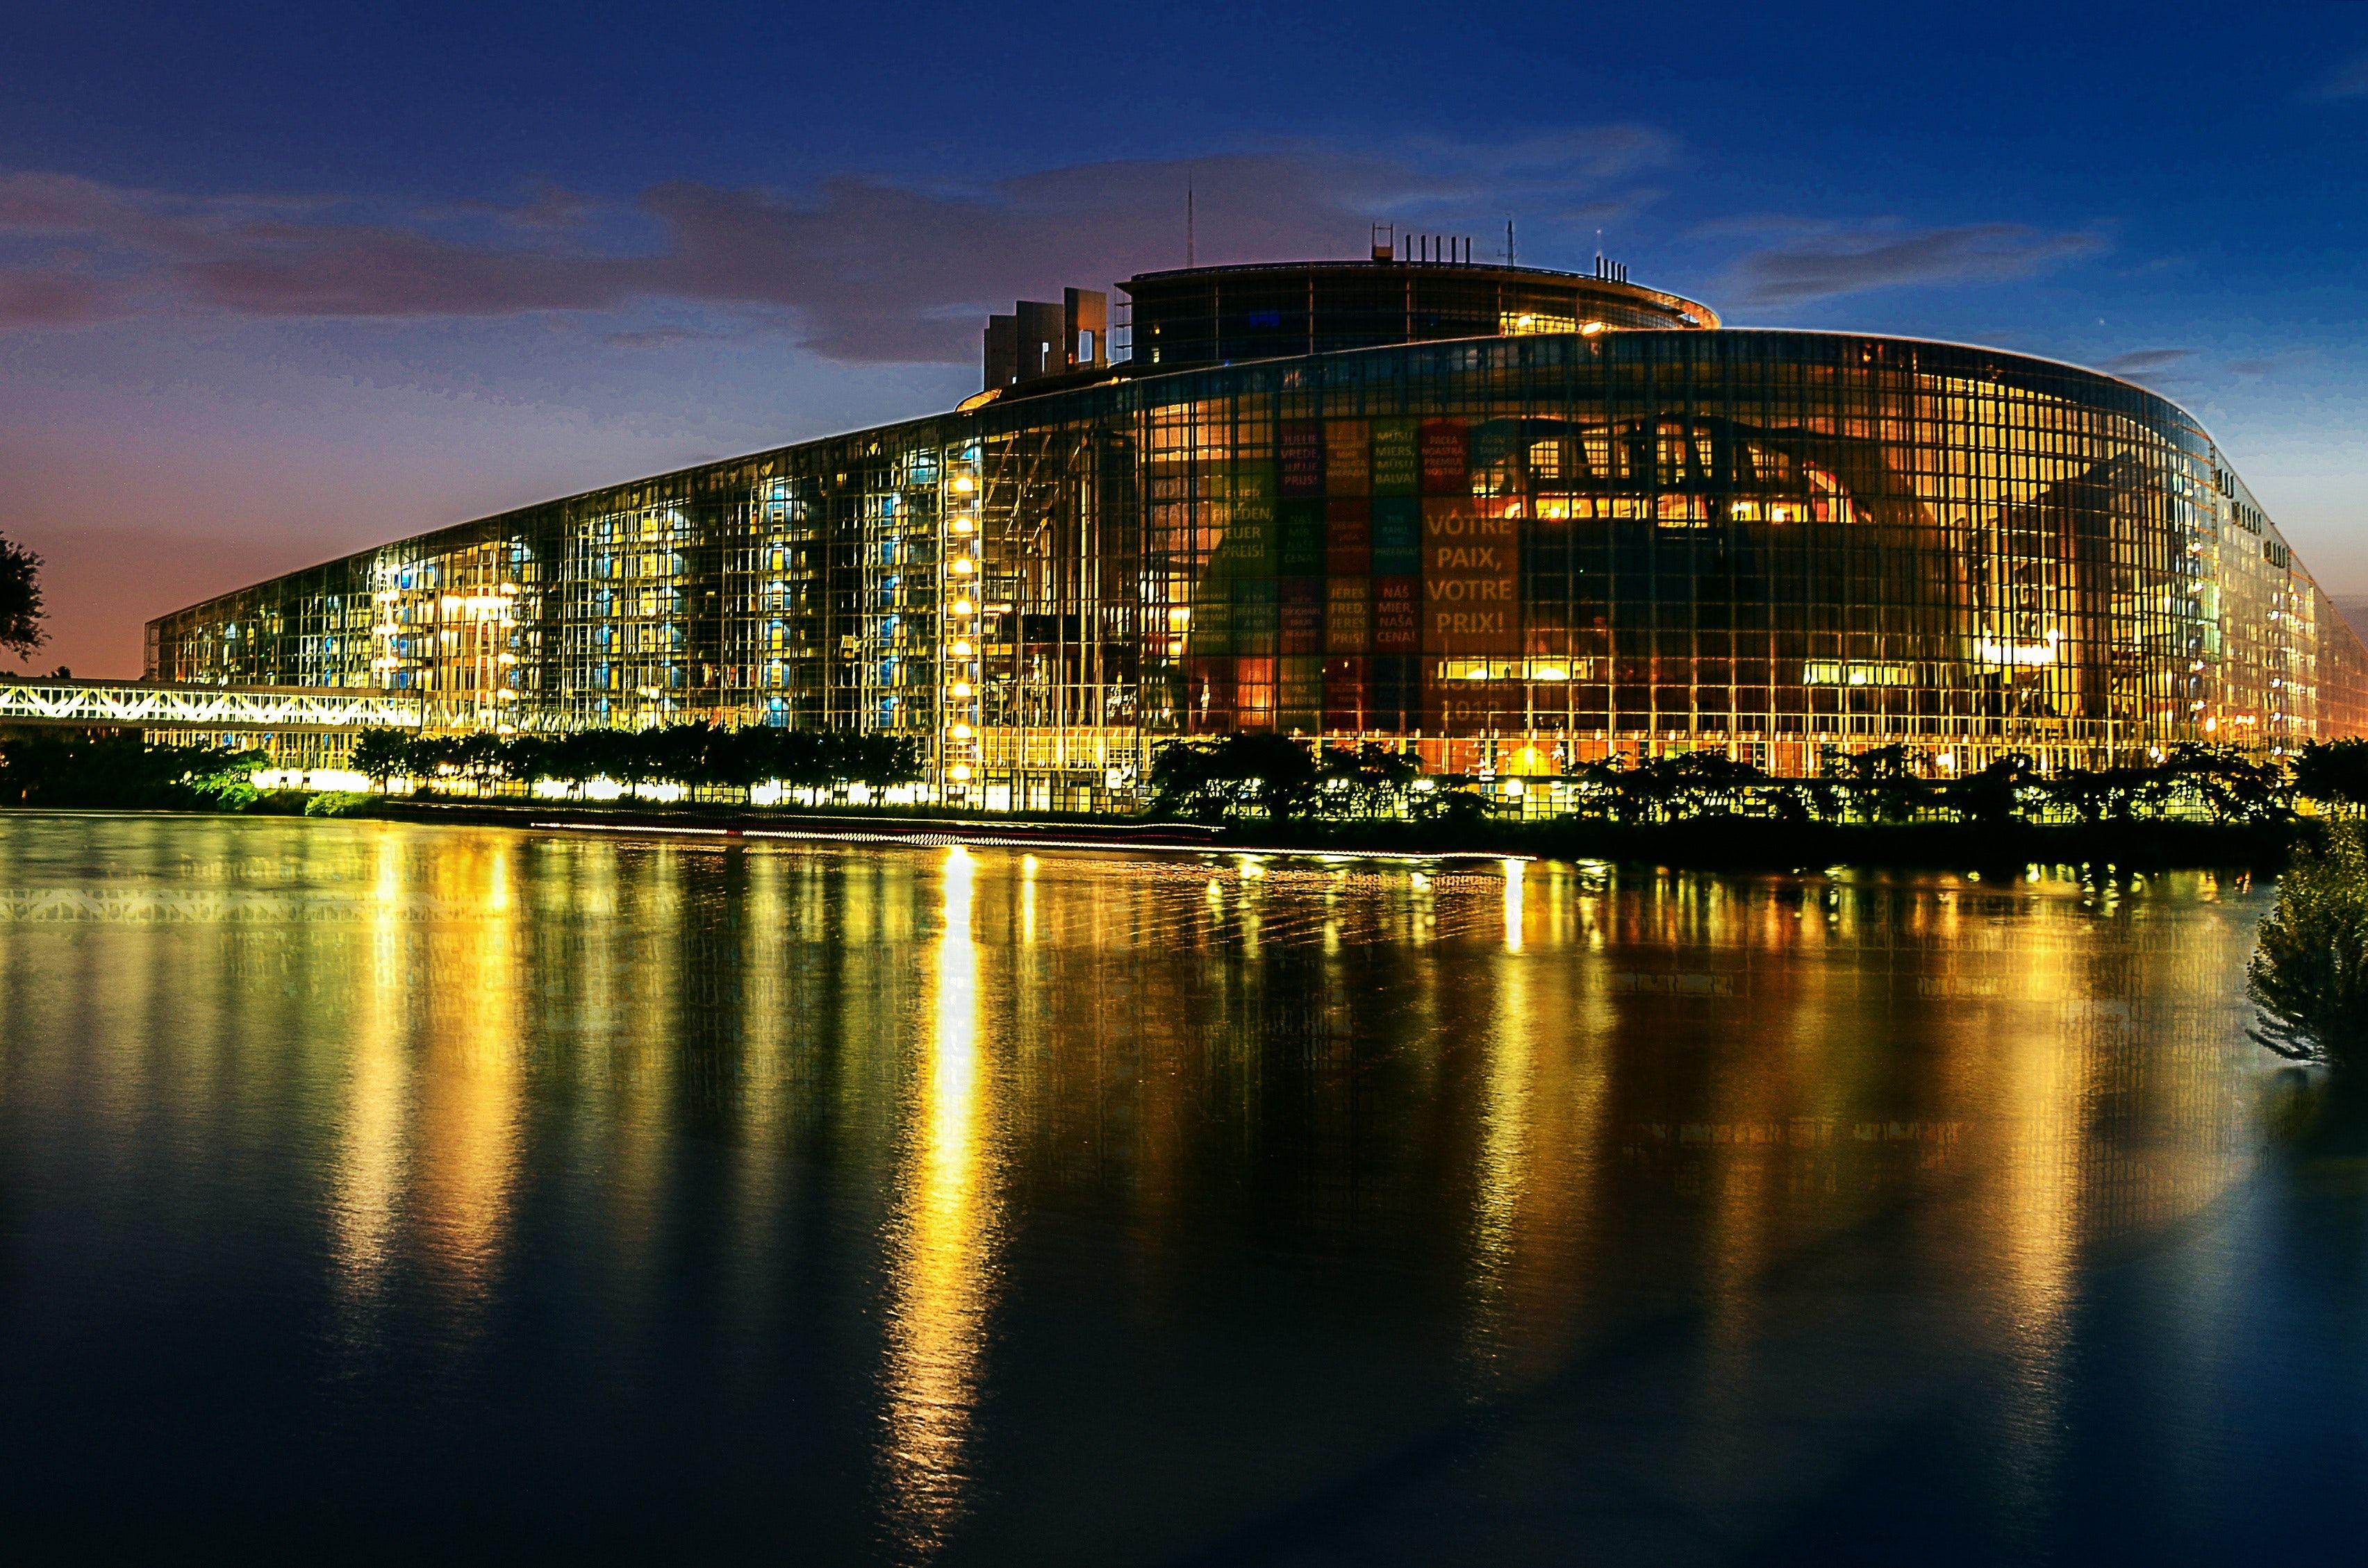 Il ruolo del diritto d'autore nel mercato unico digitale